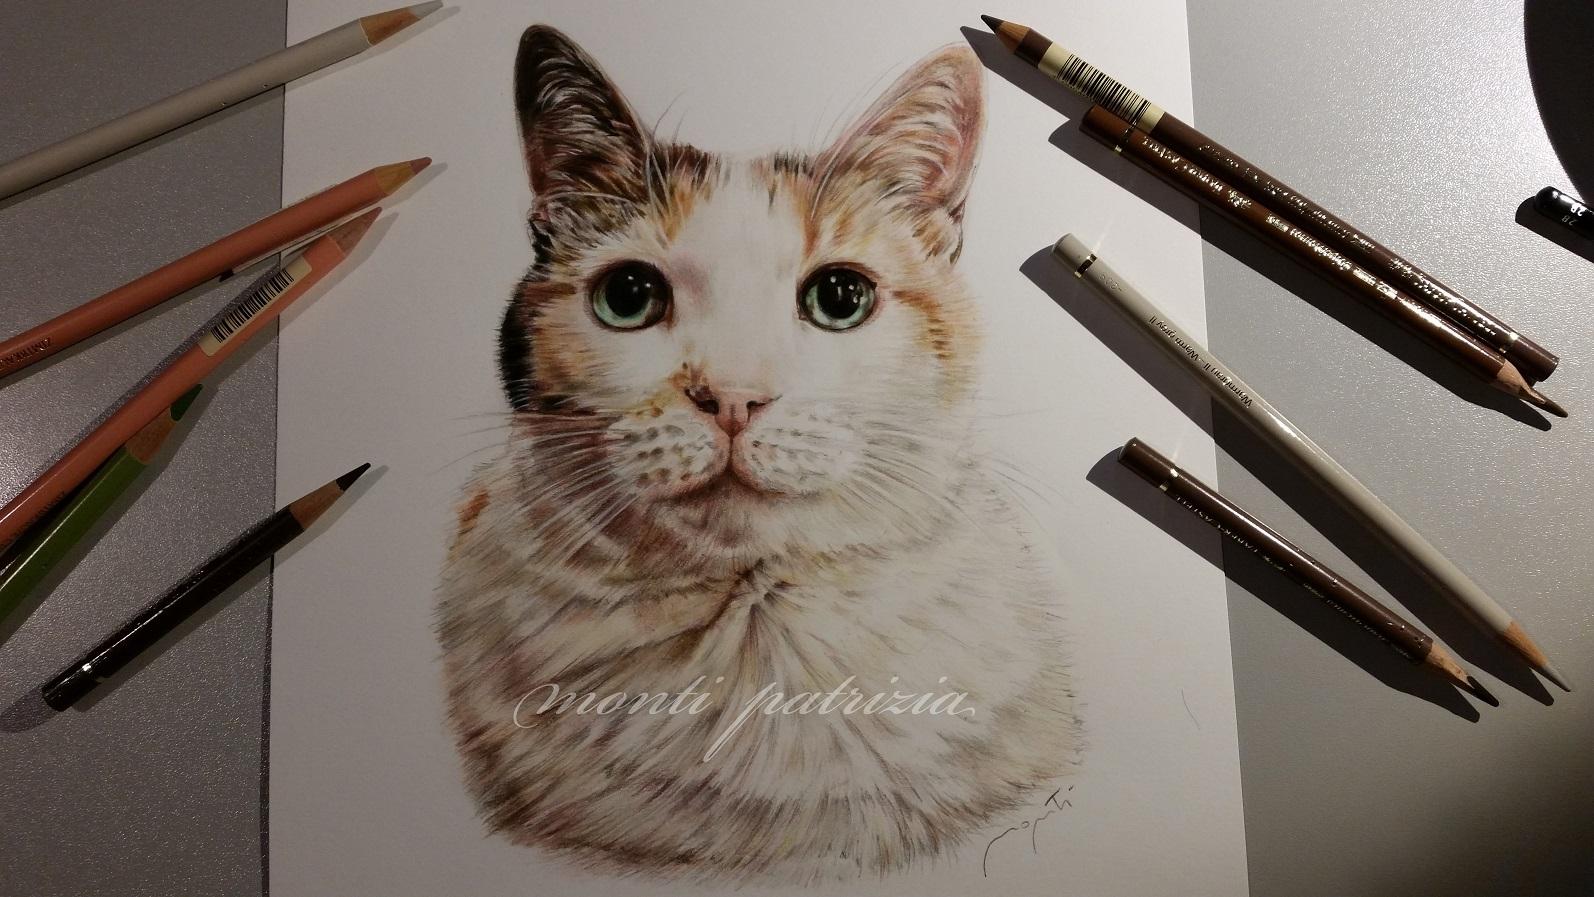 Dipinti e disegni animali dipinti a olio di patrizia monti - Gatto disegno modello di gatto ...